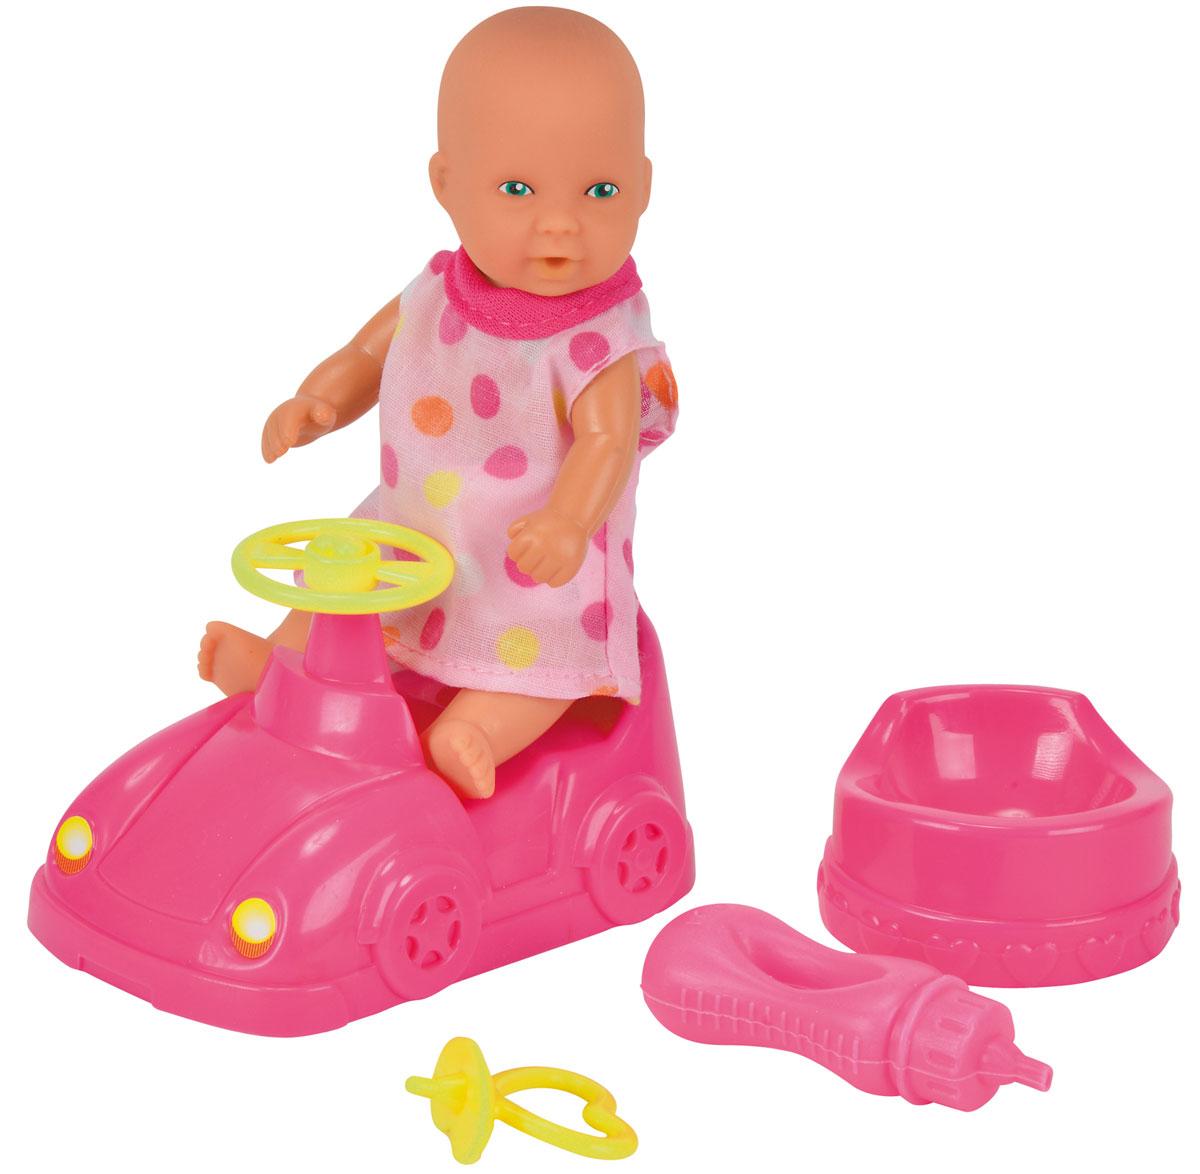 Simba Игровой набор Новорожденный с машинкой5039806Игровой набор Simba Новорожденный непременно приведет в восторг вашу дочурку. Кукла выполнена из высококачественного пластика. В набор входят: кукла-пупс, машинка, горшок, бутылочка, пустышка, игрушка. Пупс пьет и писает, совсем как настоящий малыш! Просто напоите ее из входящей в набор бутылочки, и через некоторое время кукла пописает. Руки, ноги и голова куклы подвижны, что позволяет придавать ей разнообразные позы. Игры с куклой способствуют эмоциональному развитию, помогают формировать воображение и художественный вкус, а также разовьют в вашей малышке чувство ответственности и заботы. Великолепное качество исполнения делают этот набор чудесным подарком к любому празднику.